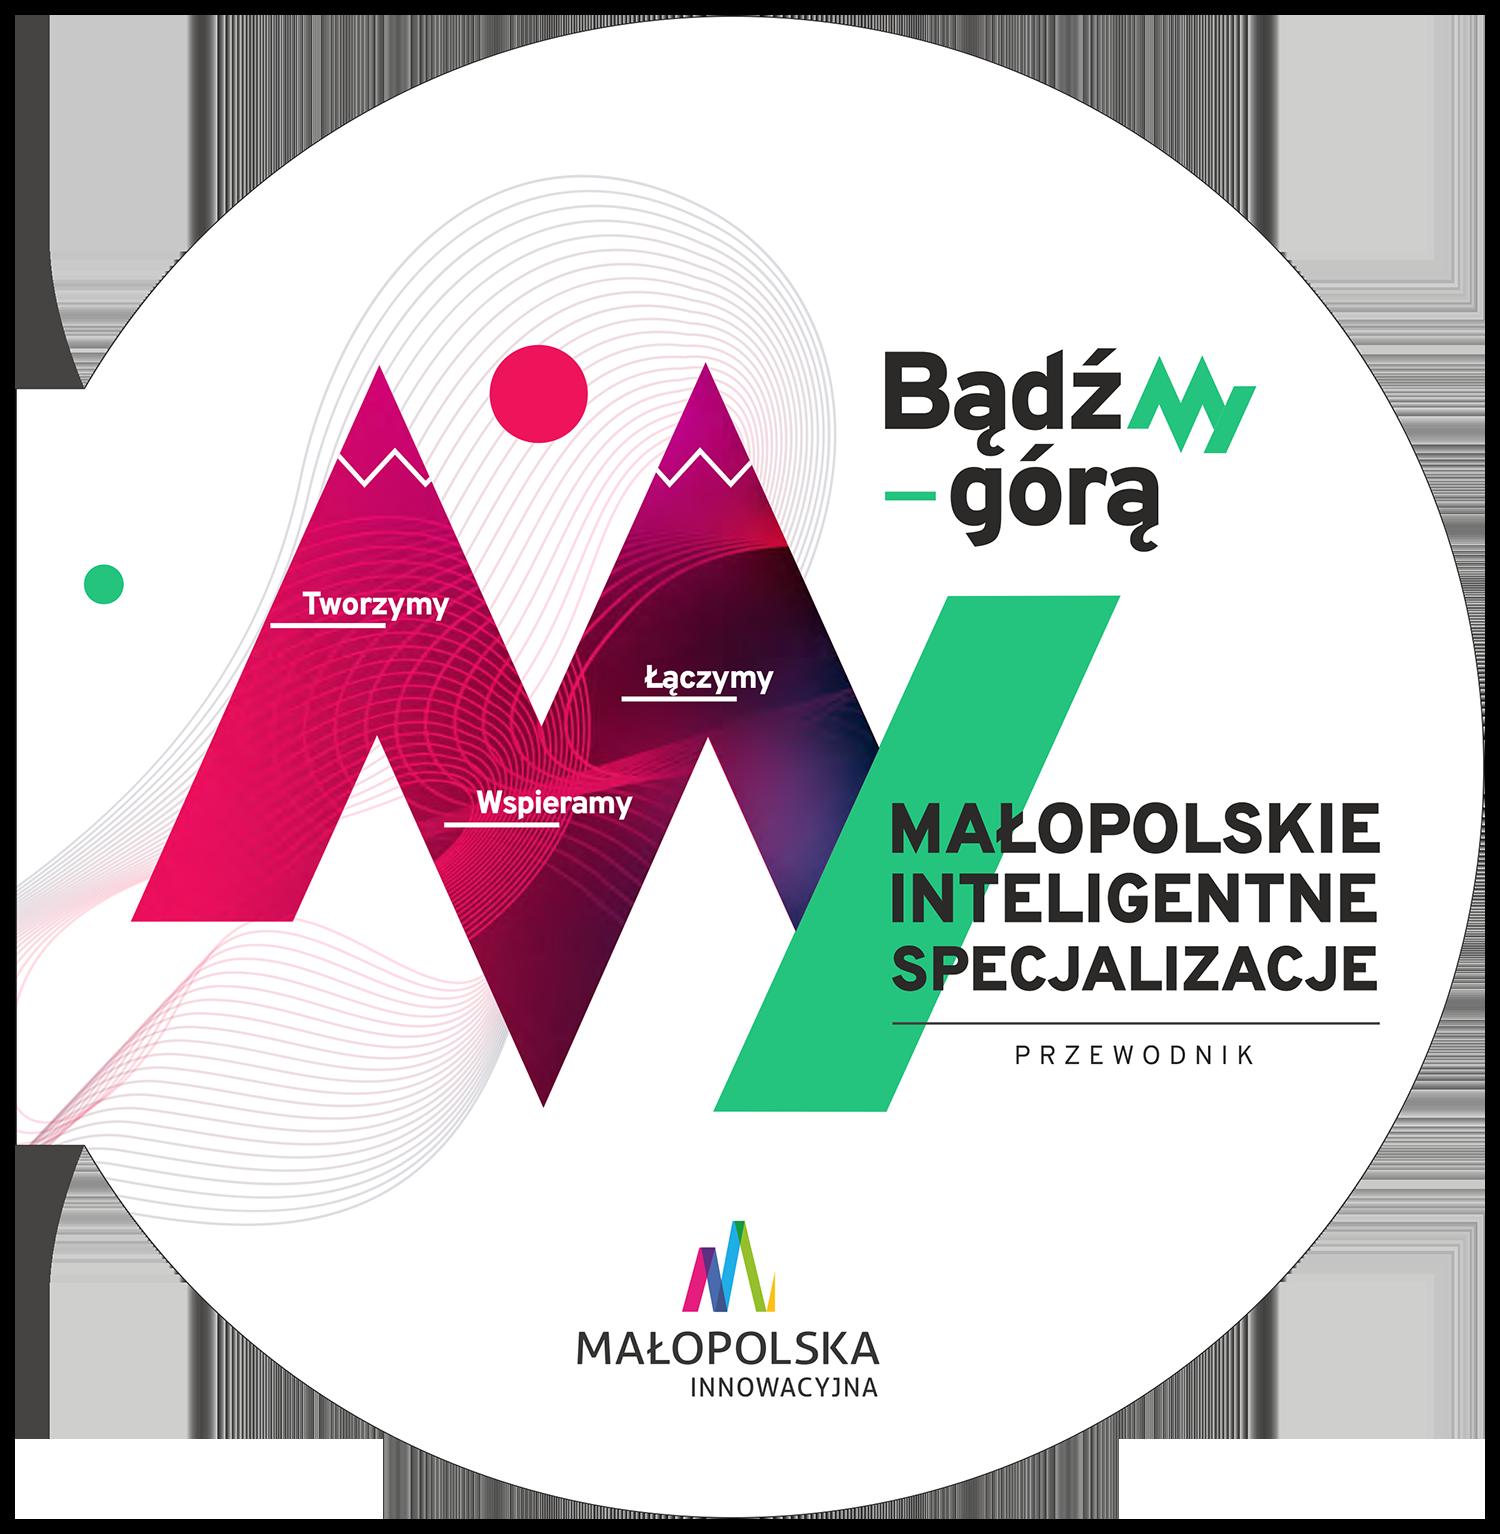 okładka publikacji poświeconej inteligentnym specjalizacjom małopolski